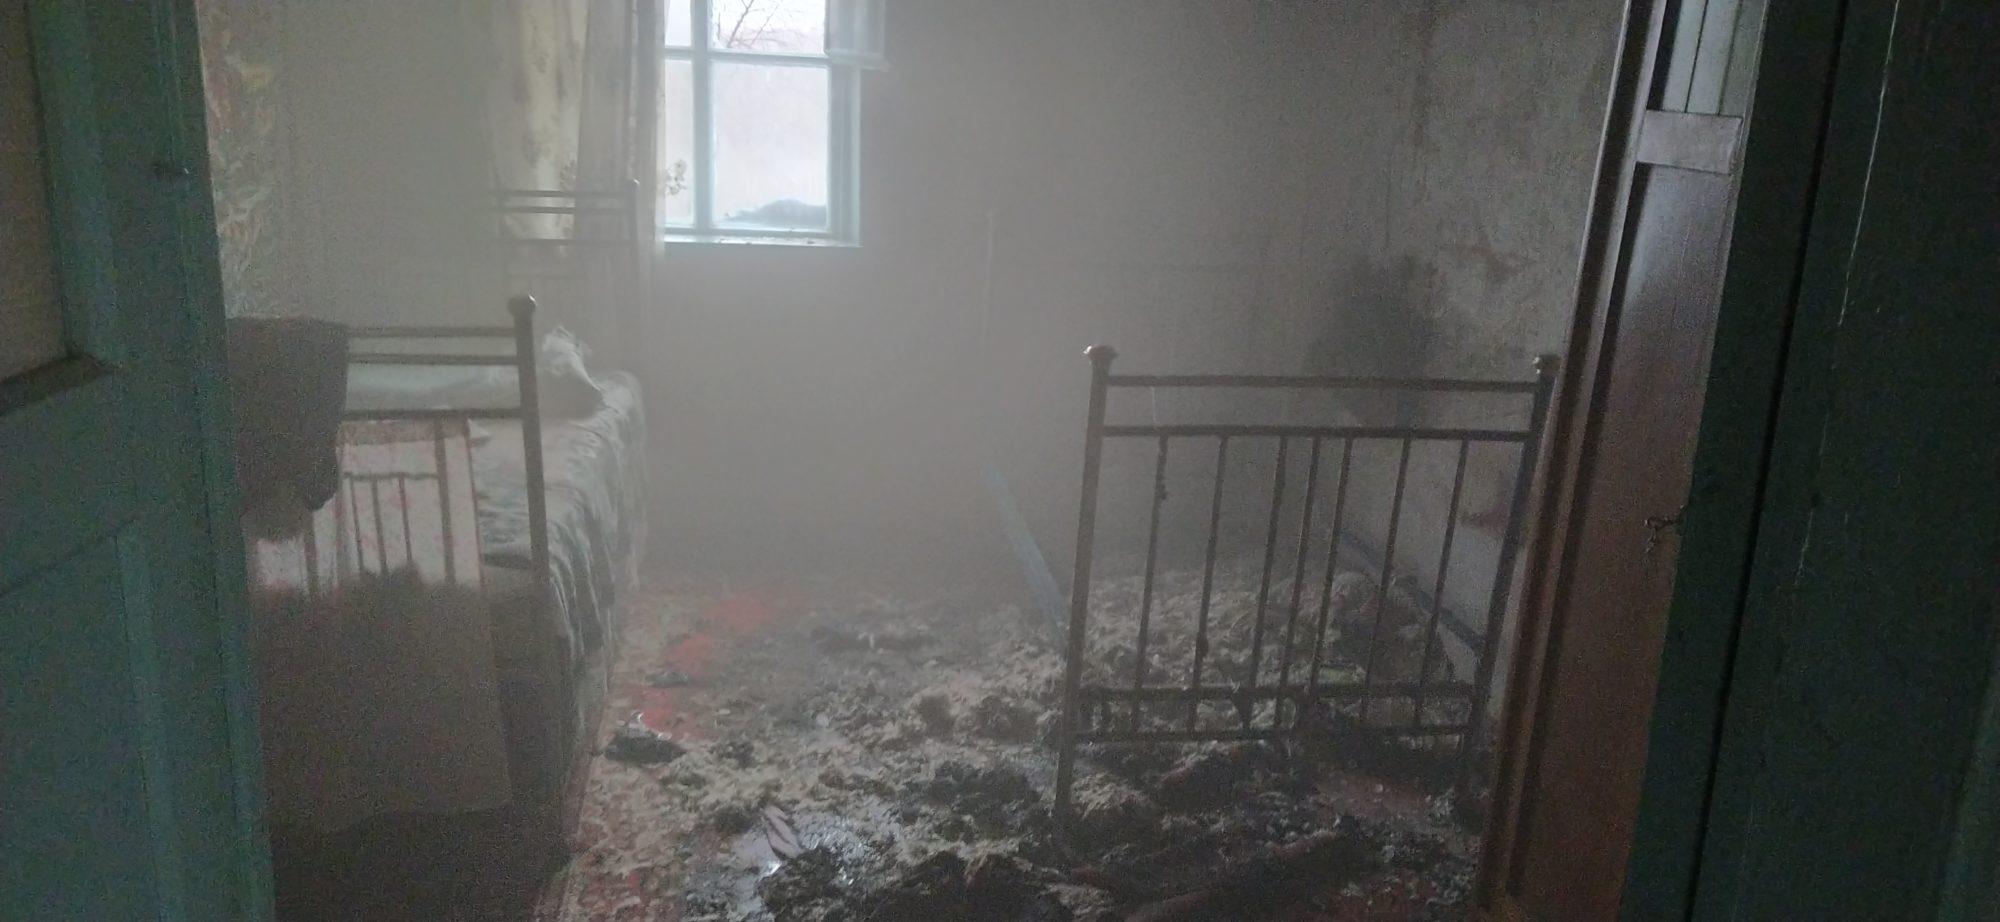 На Білоцерківщині загорівся будинок 30.01.2020 - пожежа, ДСНС - IMG 20200129 102857 2000x922